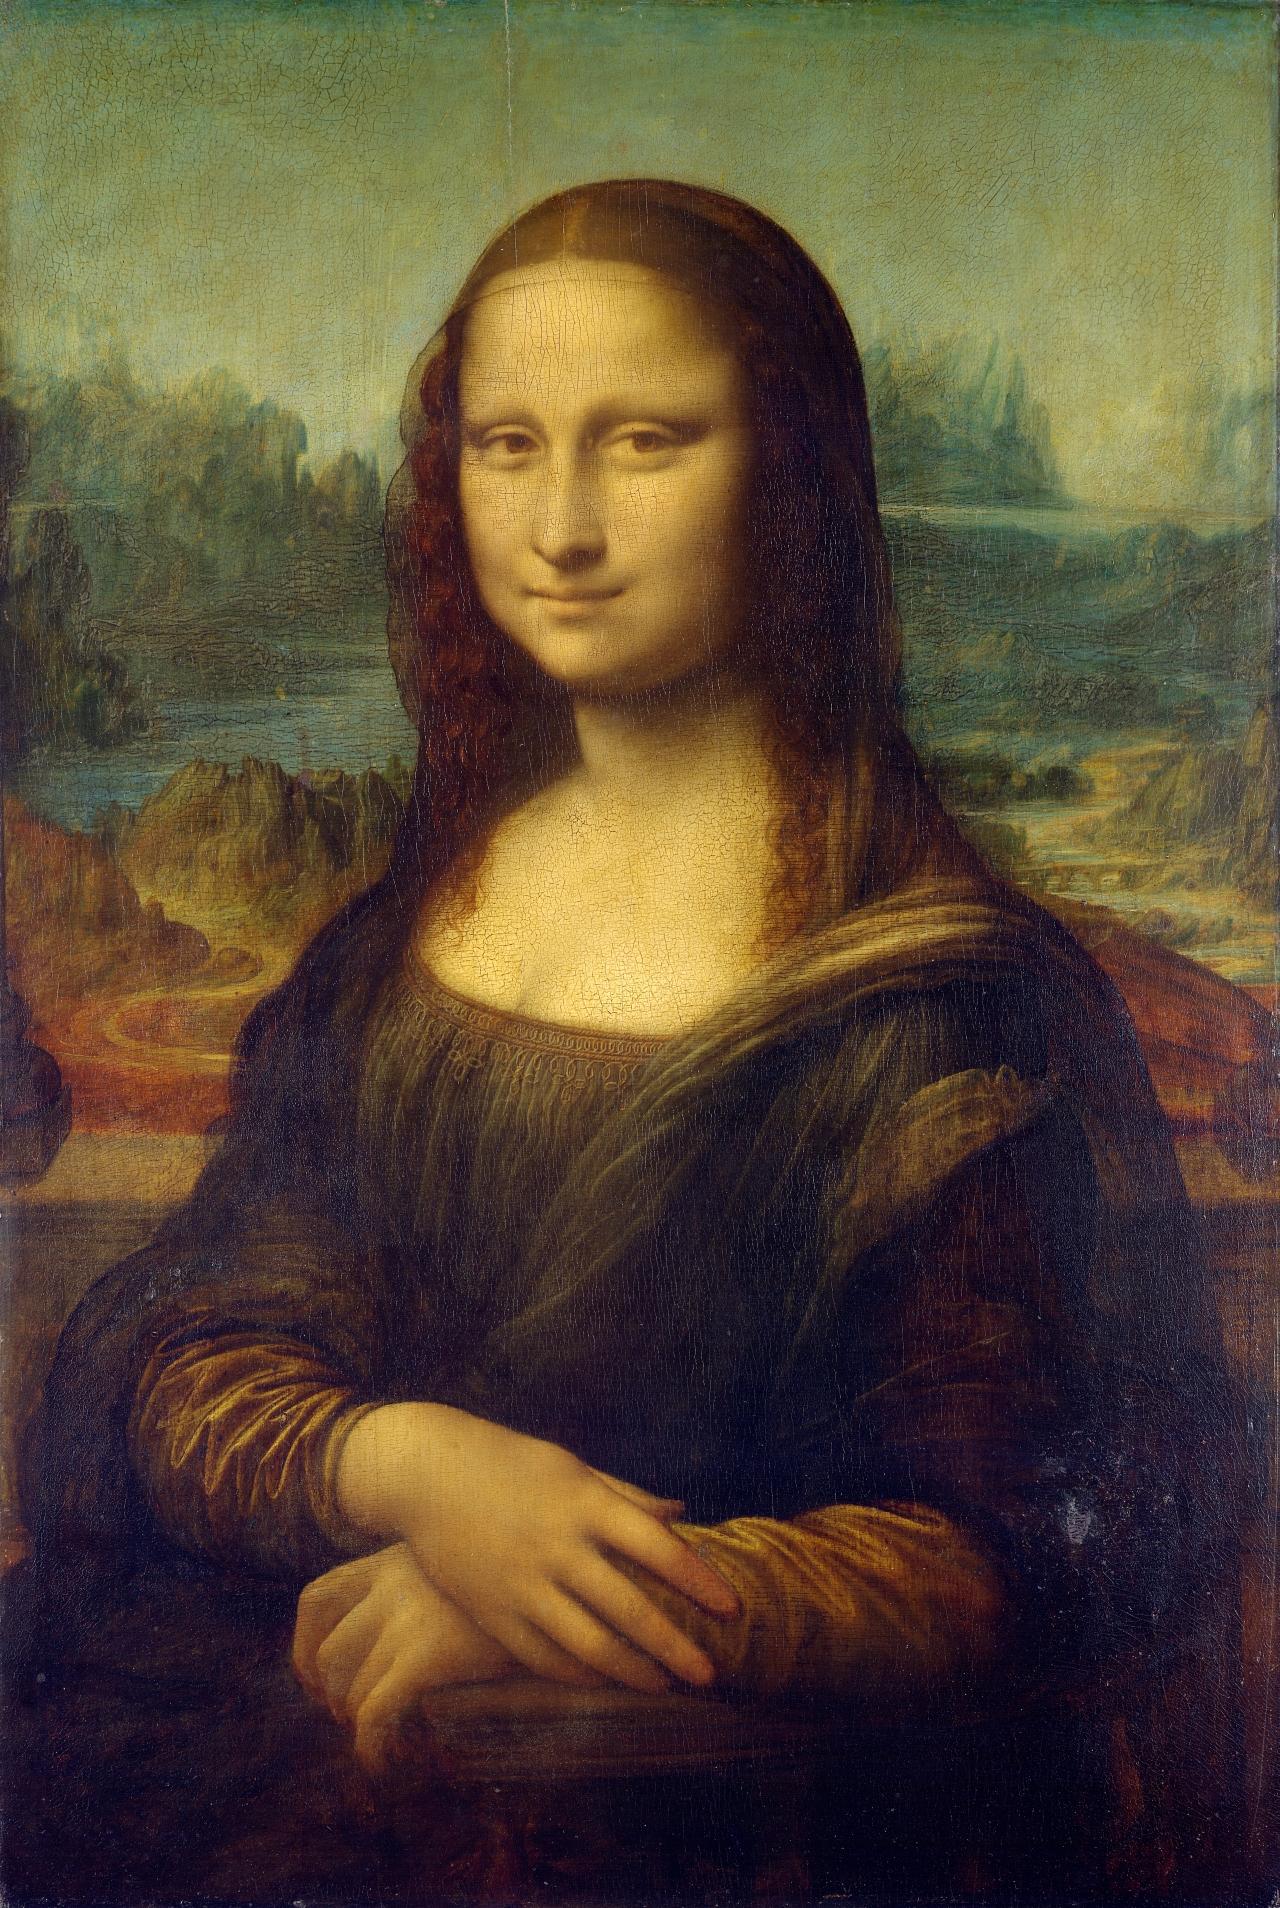 Idegkárosodás akadályozhatta Leonardót a festésben idősebb korában